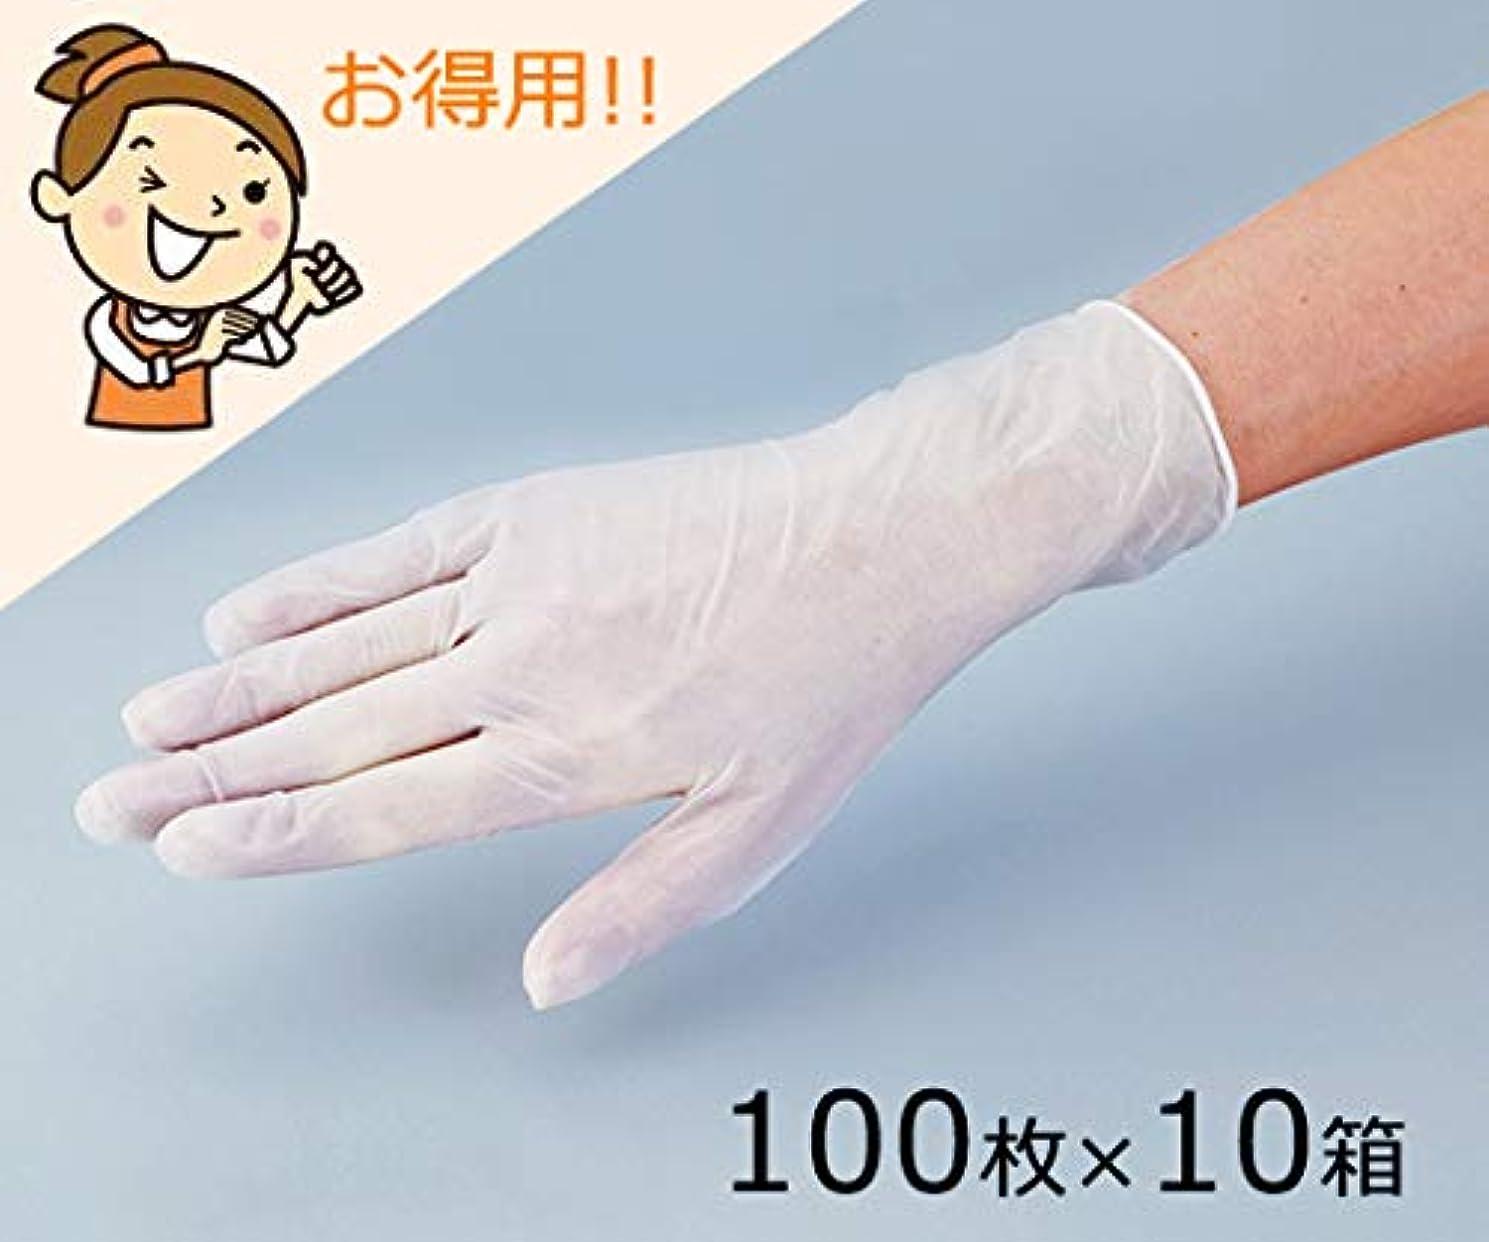 真実満足させる爵アズワン7-2396-11ケアプラスチック手袋(パウダーフリー)L1ケース(100枚/箱×10箱入)